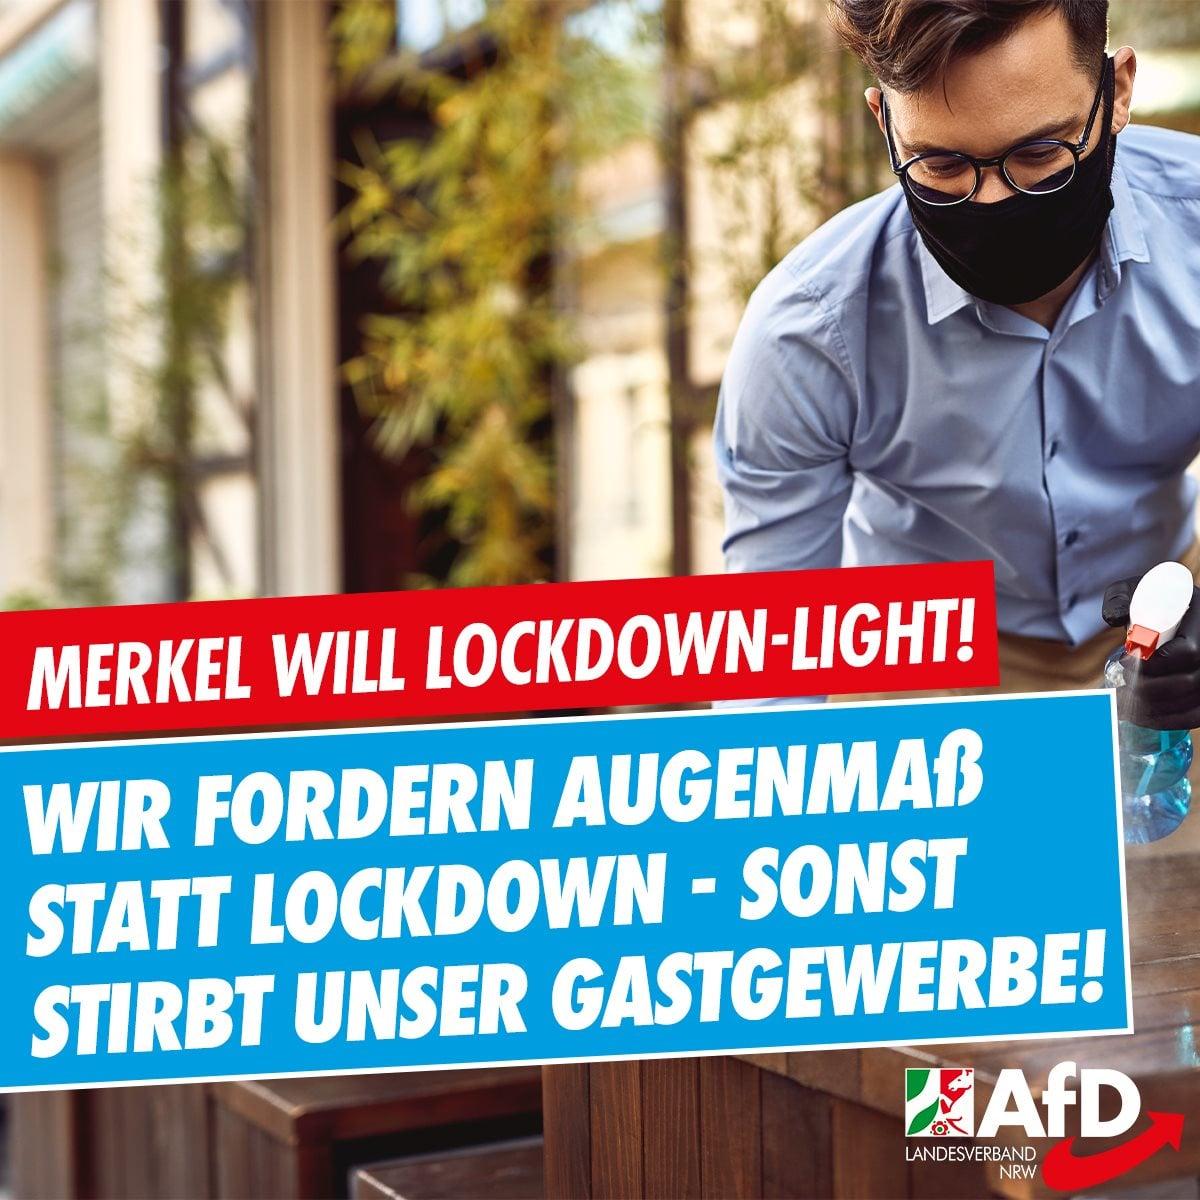 Lockdown light zerstört unser Gastgewerbe